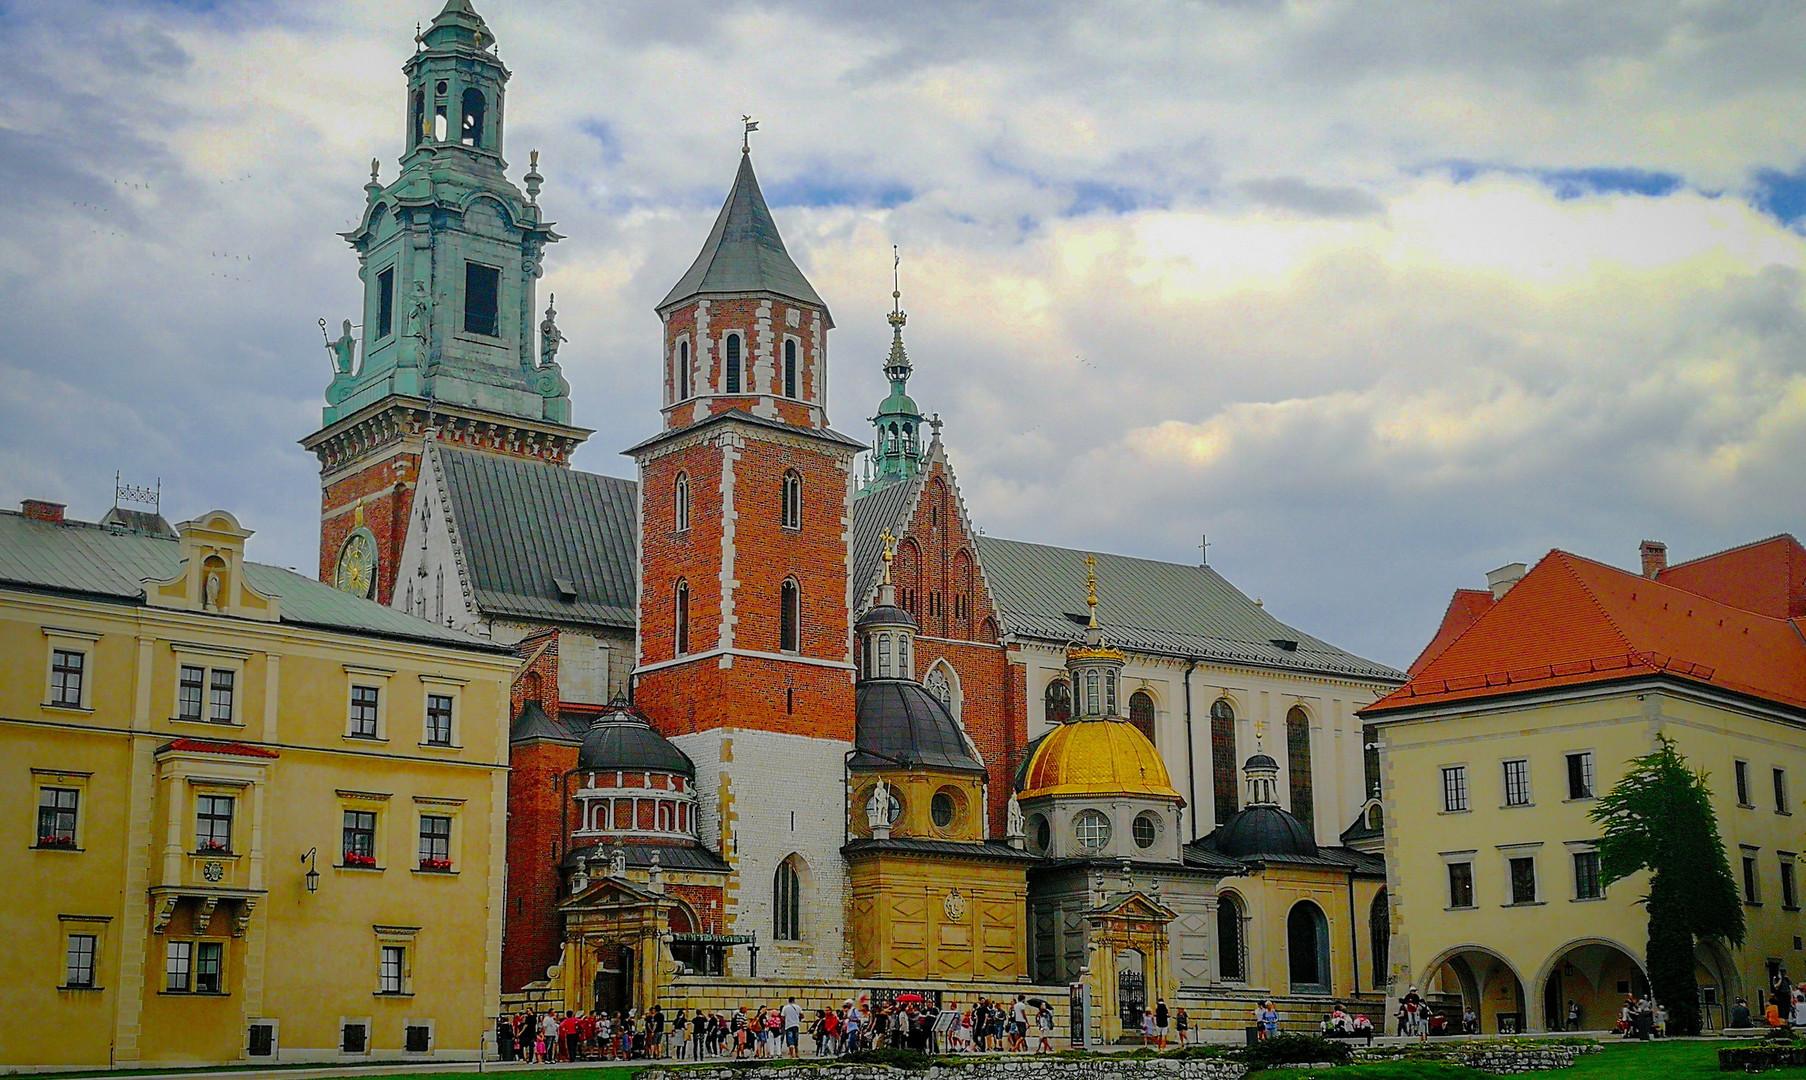 Вавельский замок, Краков